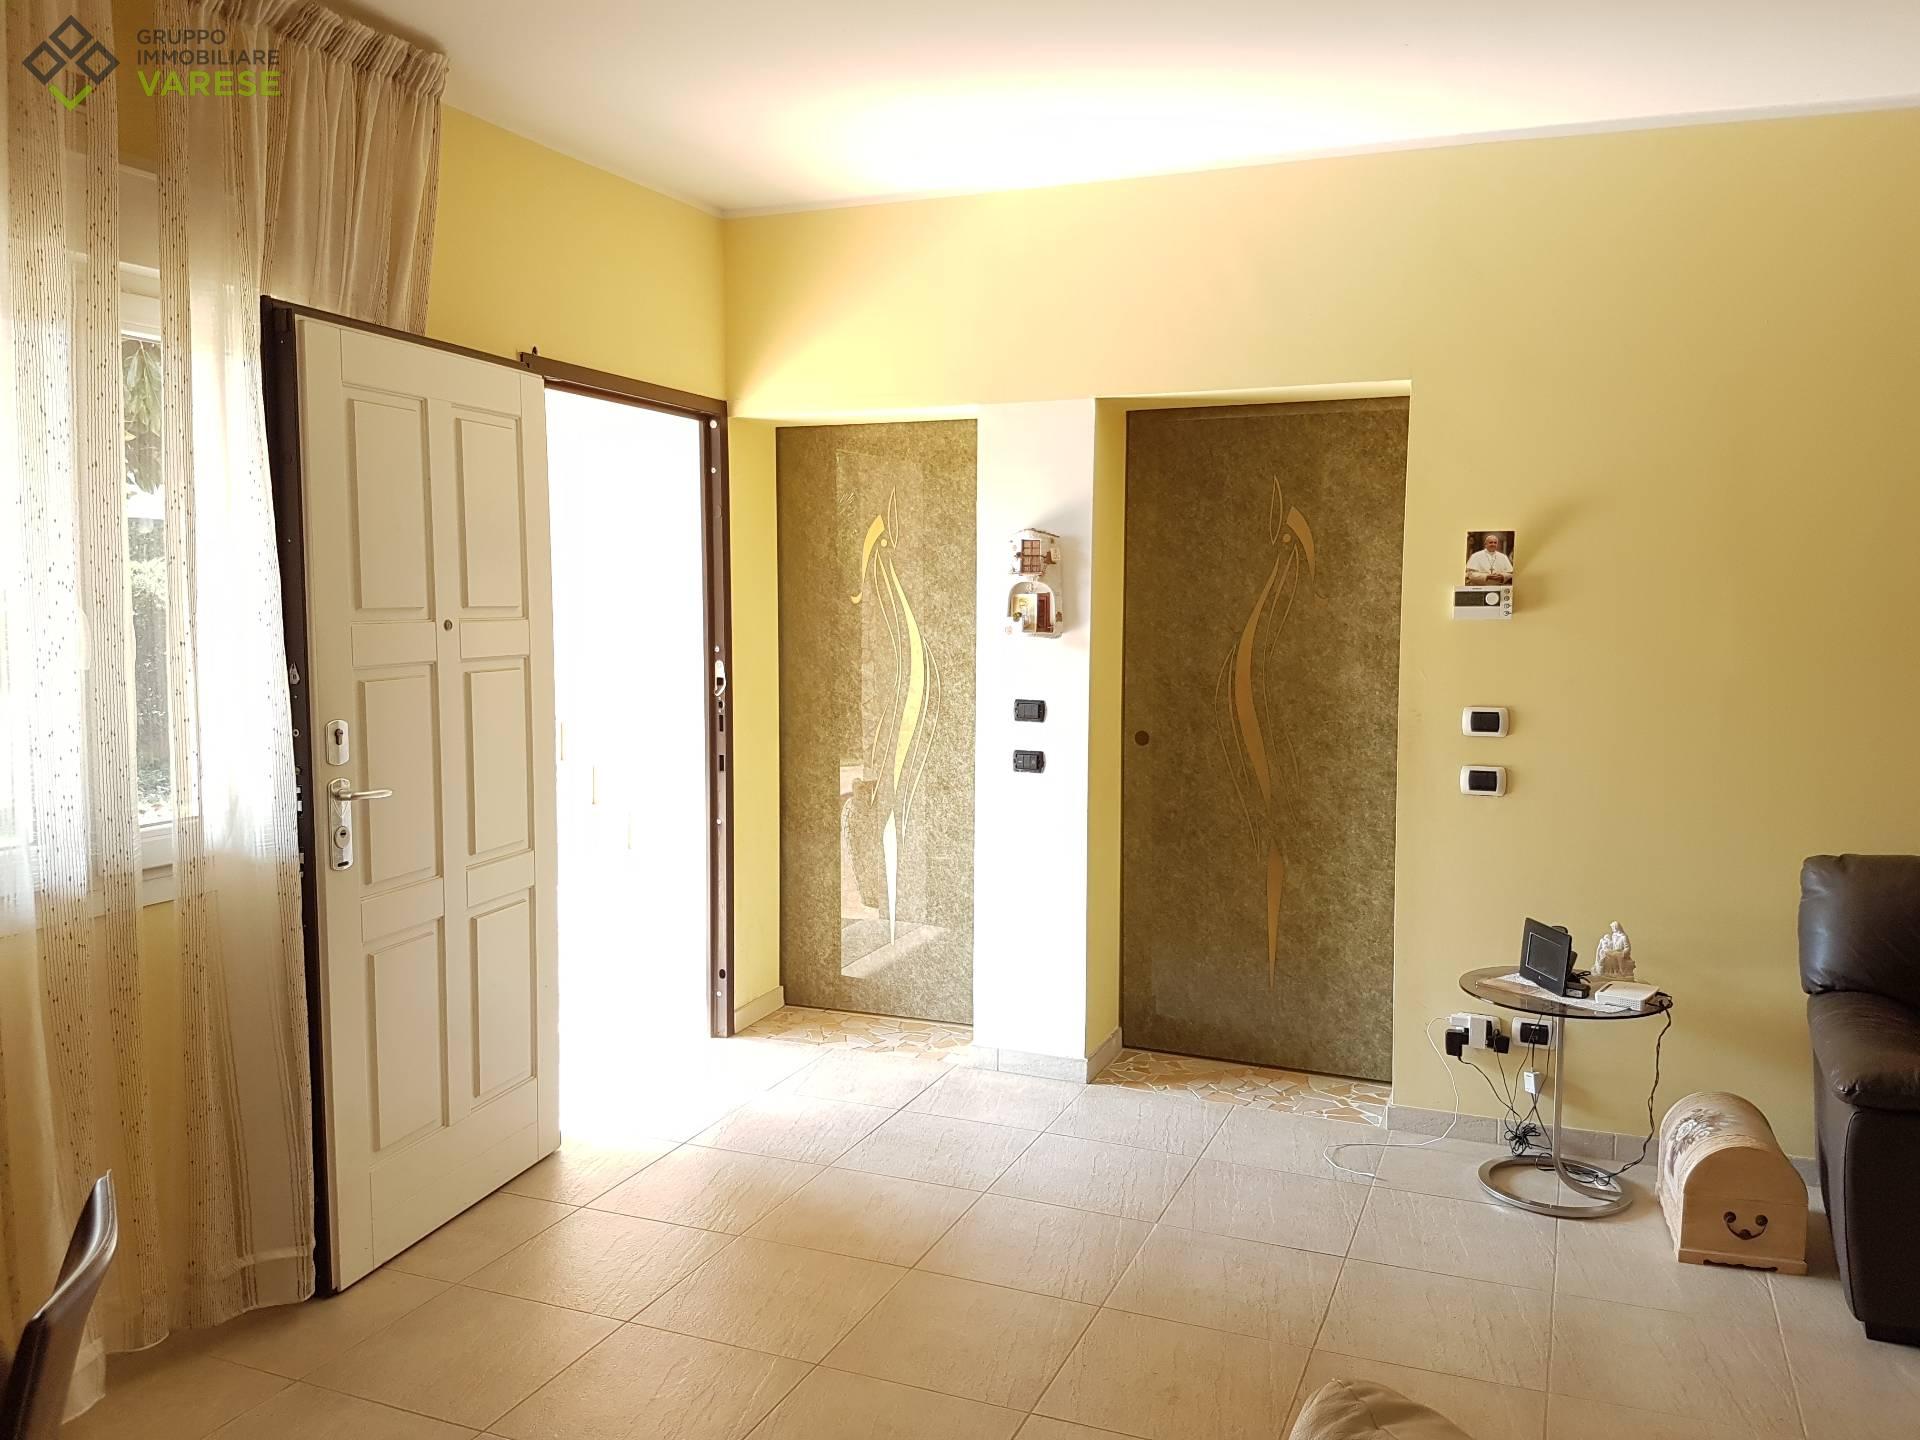 Villa in vendita a Cavaria con Premezzo, 6 locali, prezzo € 325.000 | CambioCasa.it